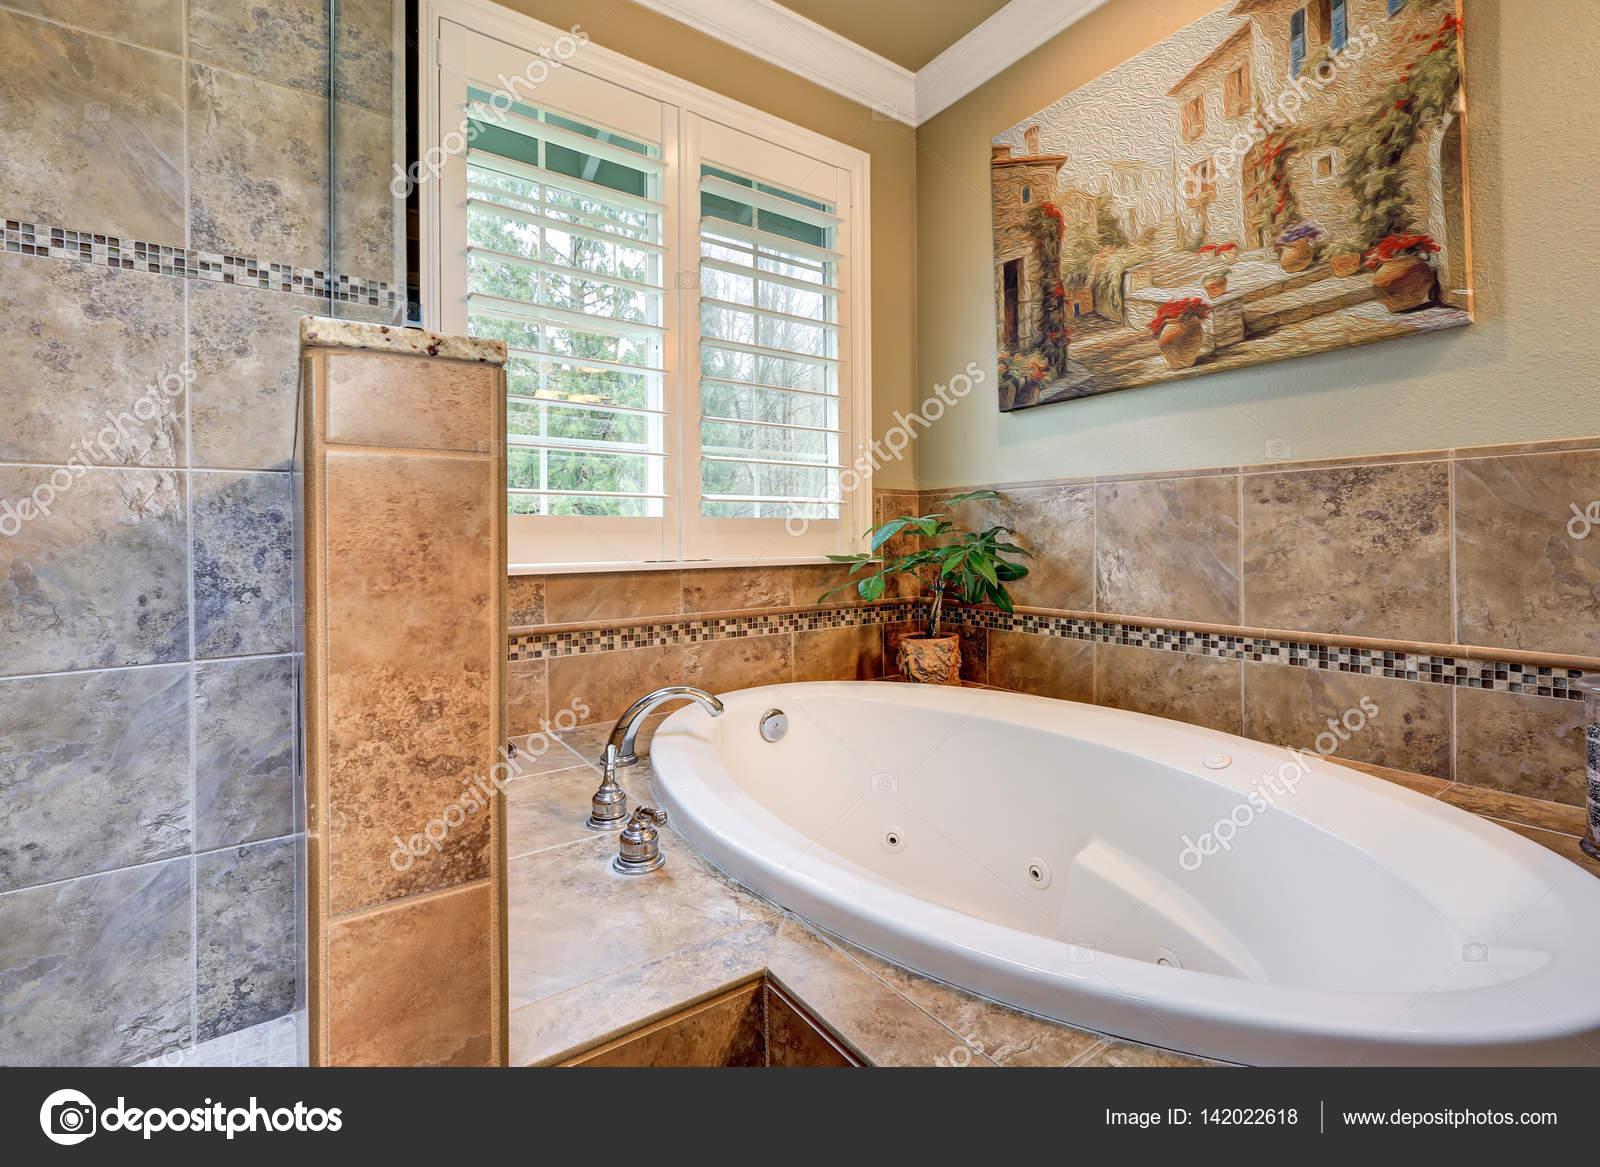 Badkamer Tegels Bruin : Mooie badkamer beschikt over jetted tub met een bruin mozaïek